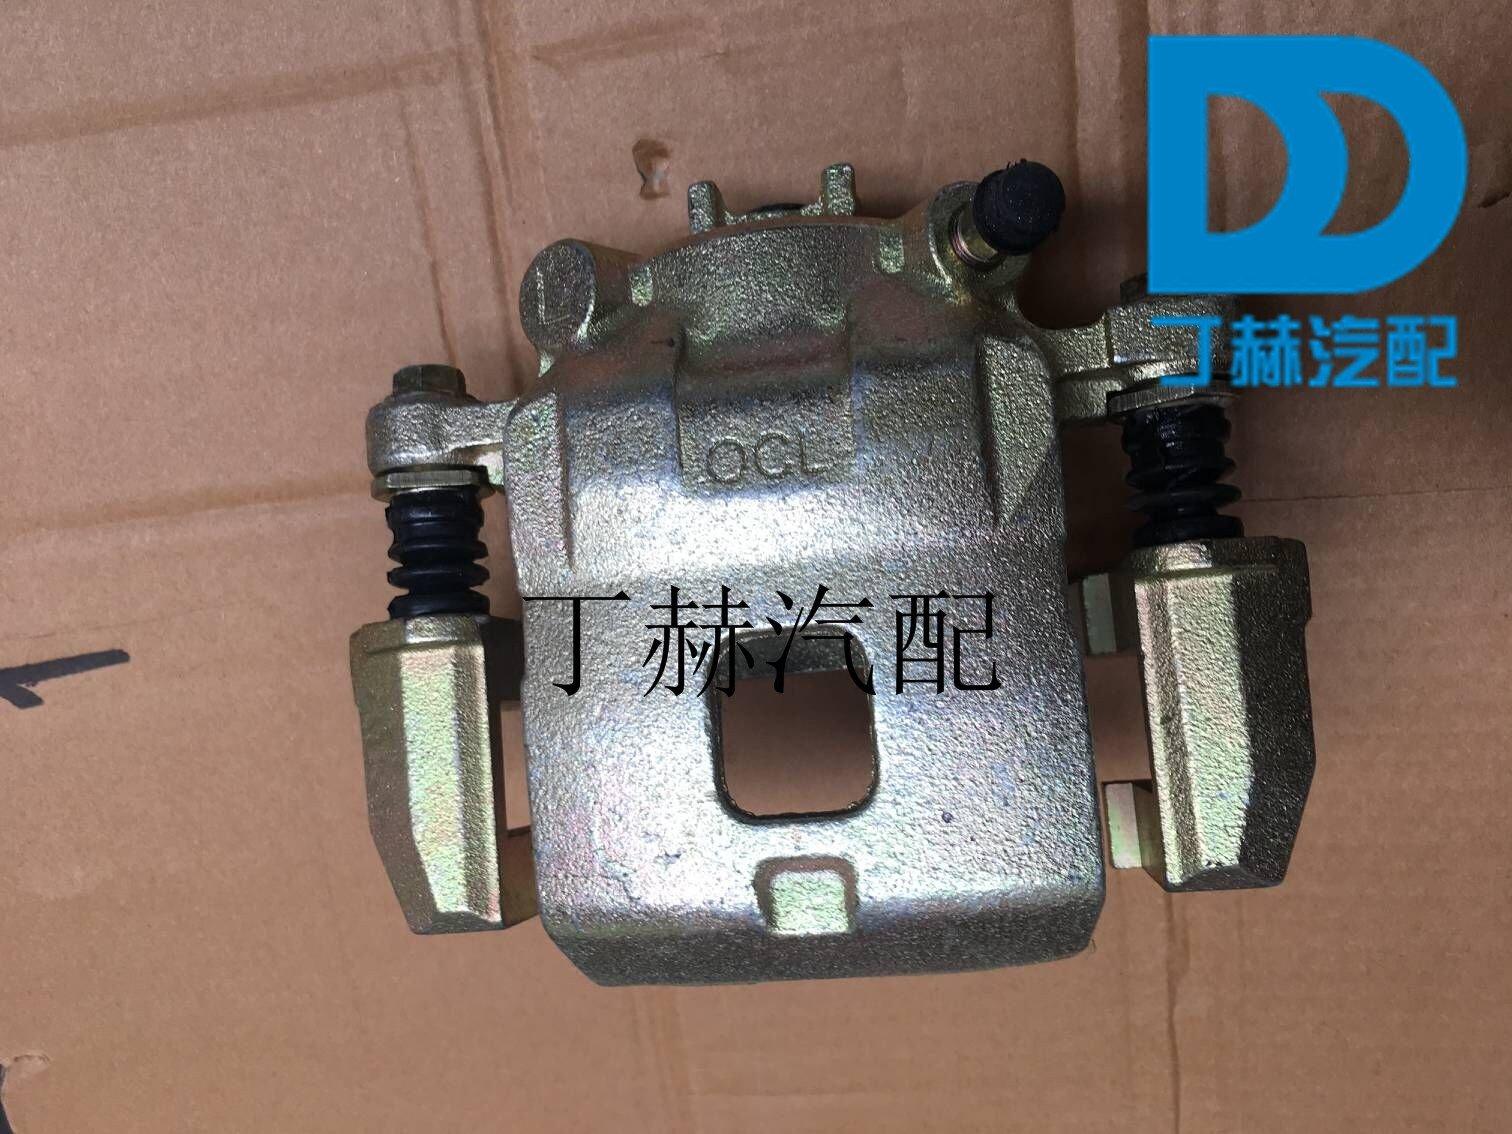 长安悦翔V3 CX20 雨燕前轮刹车分泵 制动器分泵 卡钳长安悦翔